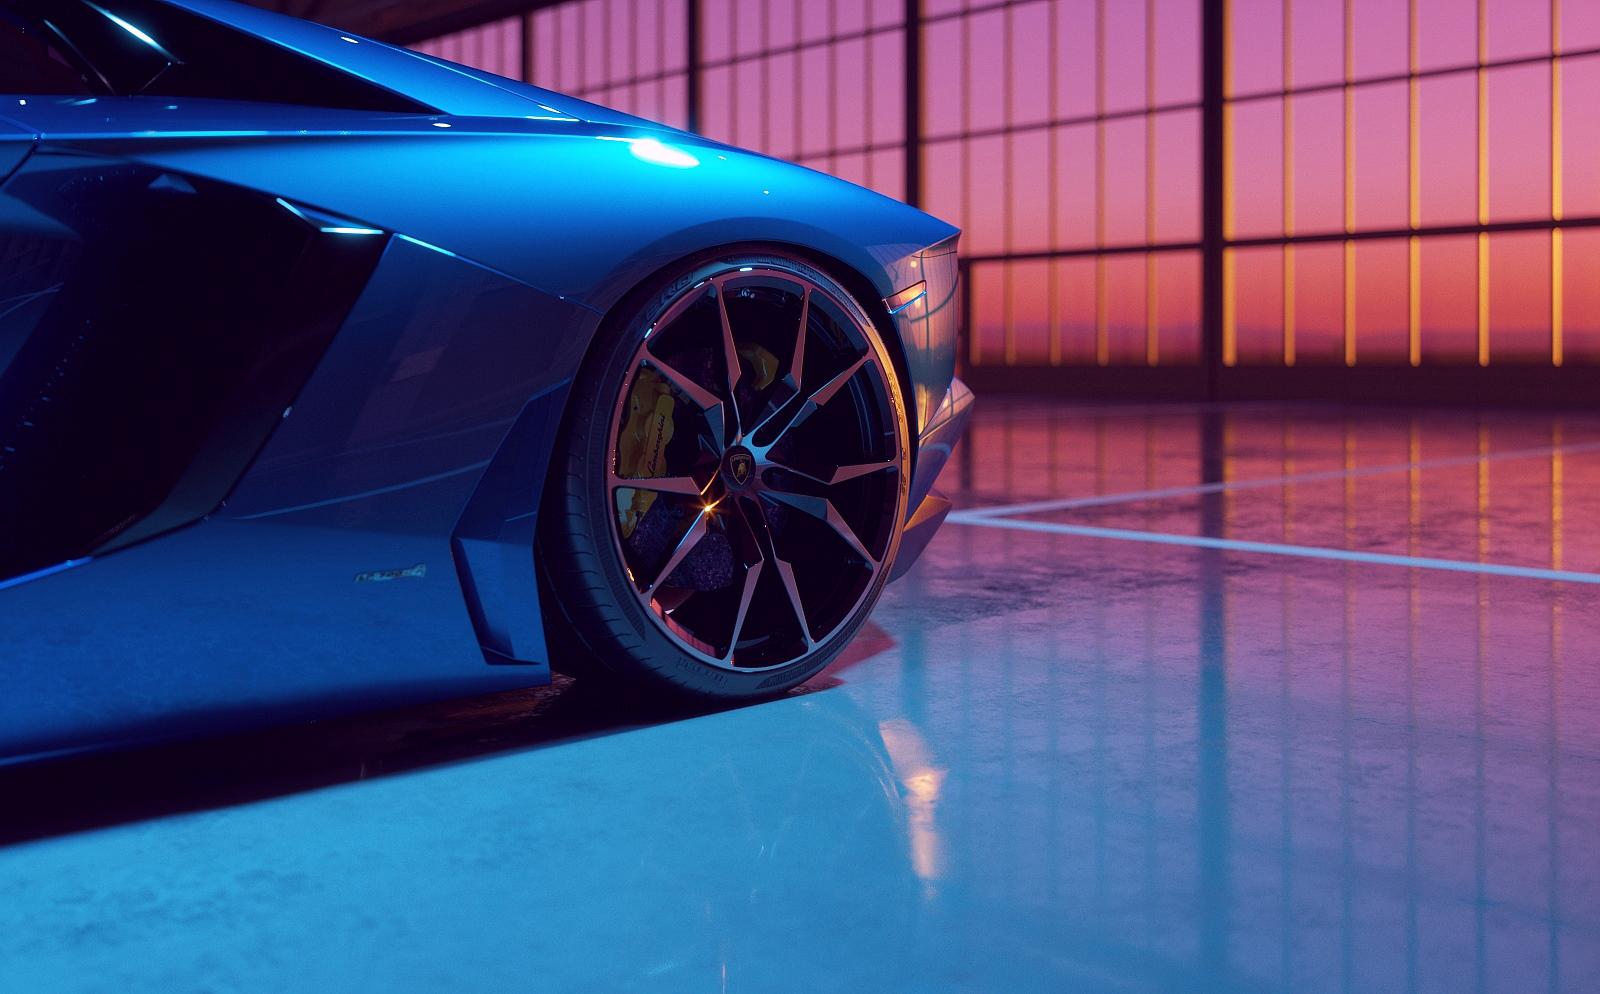 Lamborghini Aventador entirely made in CGI